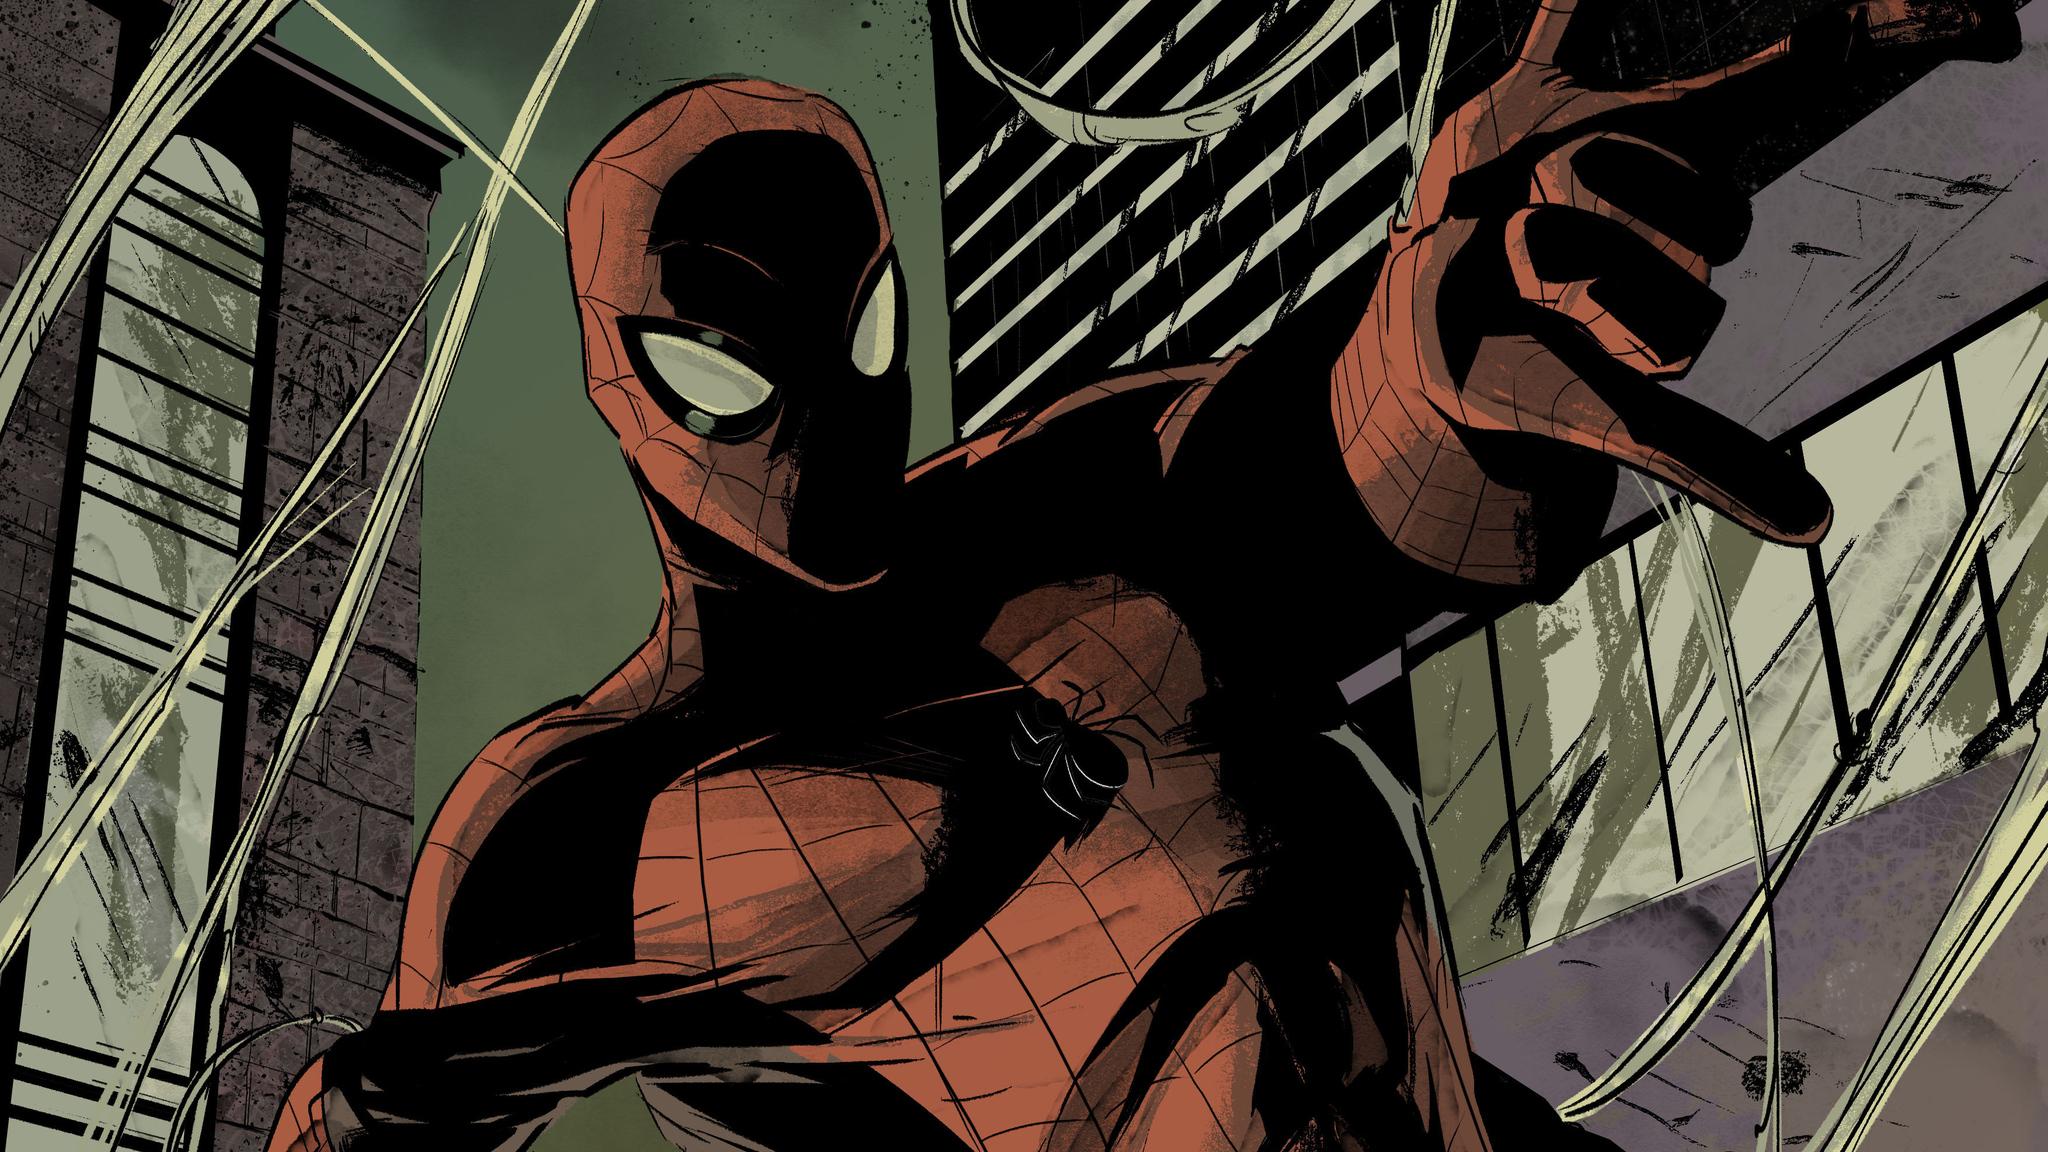 spiderman-art-new-4k-5w.jpg